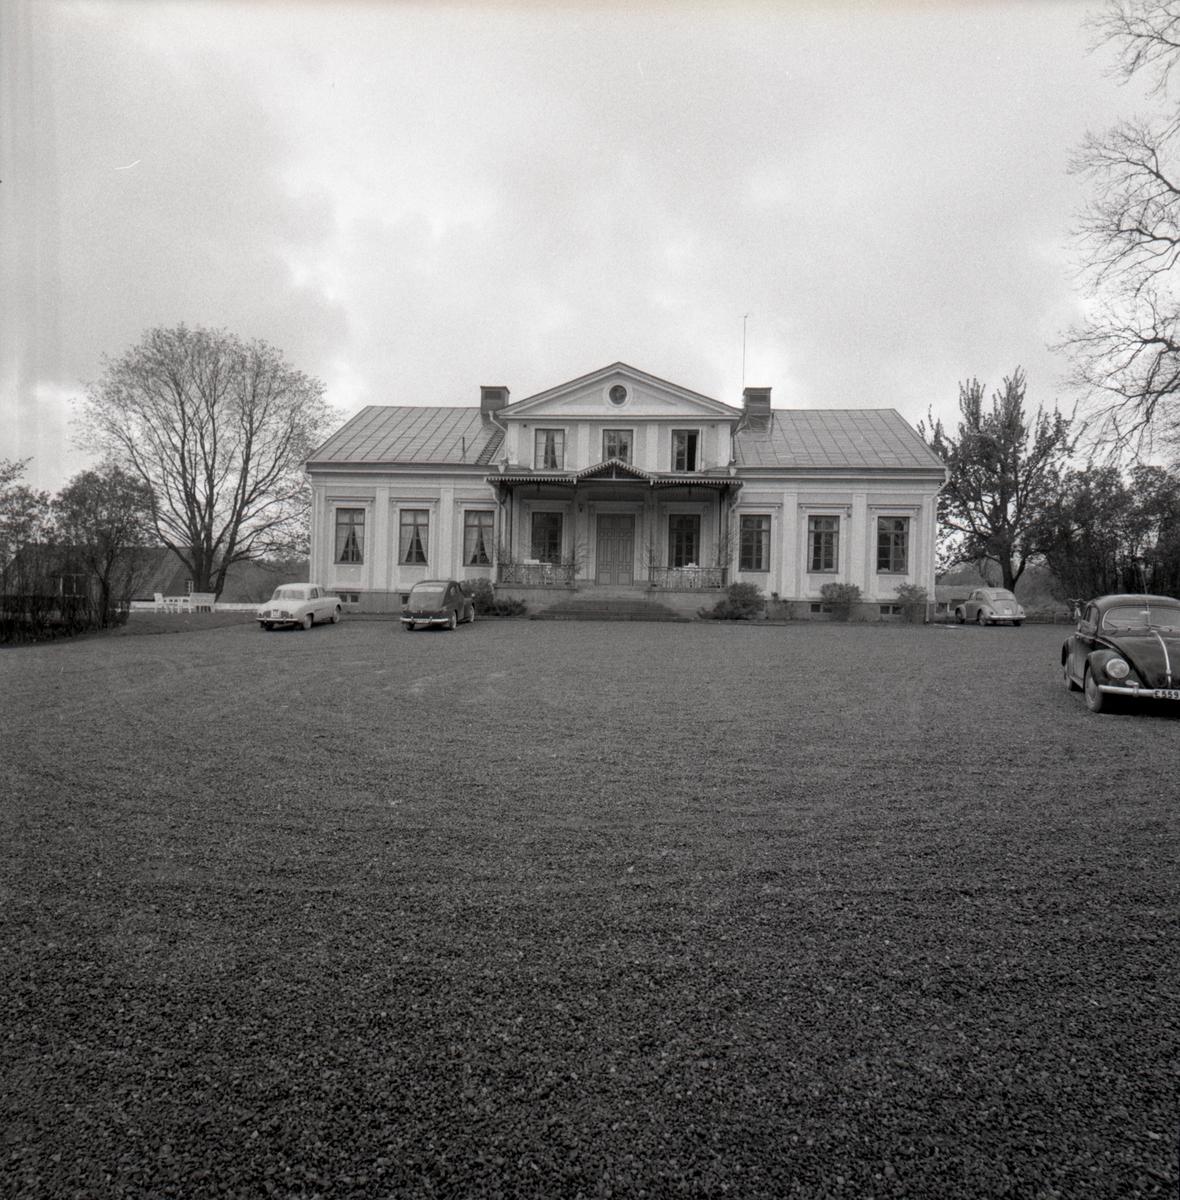 Orig. text: Valla gård ext. Valla fritidsområde. Valla gård, huvudbyggnaden, uppförd 1859.